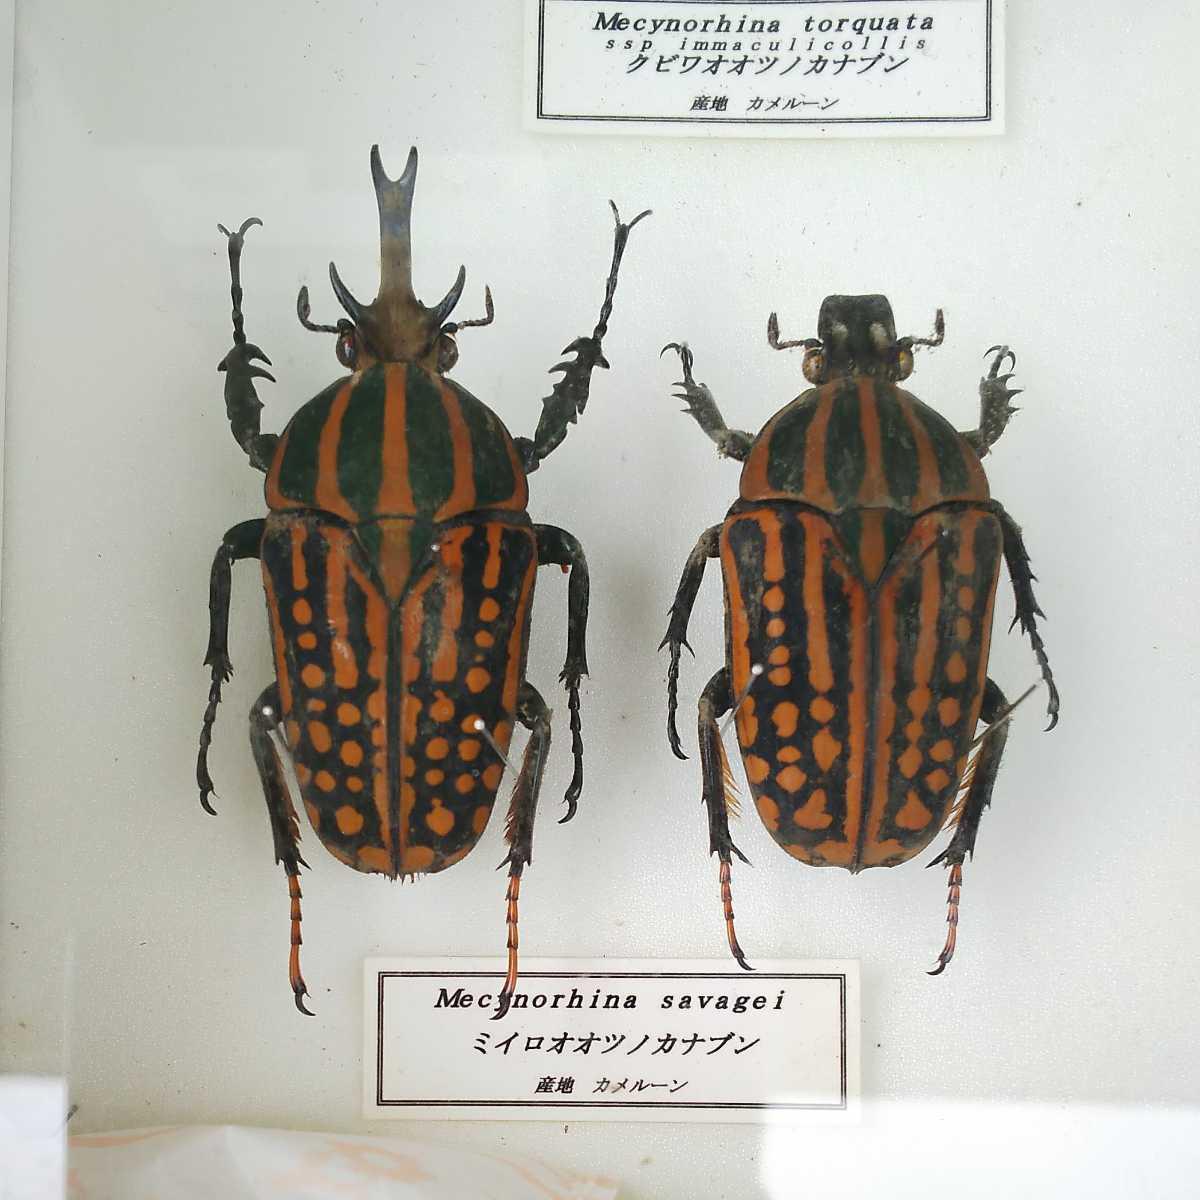 値段交渉OK 昆虫標本 カナブン No2 35頭 ドイツ箱_画像8